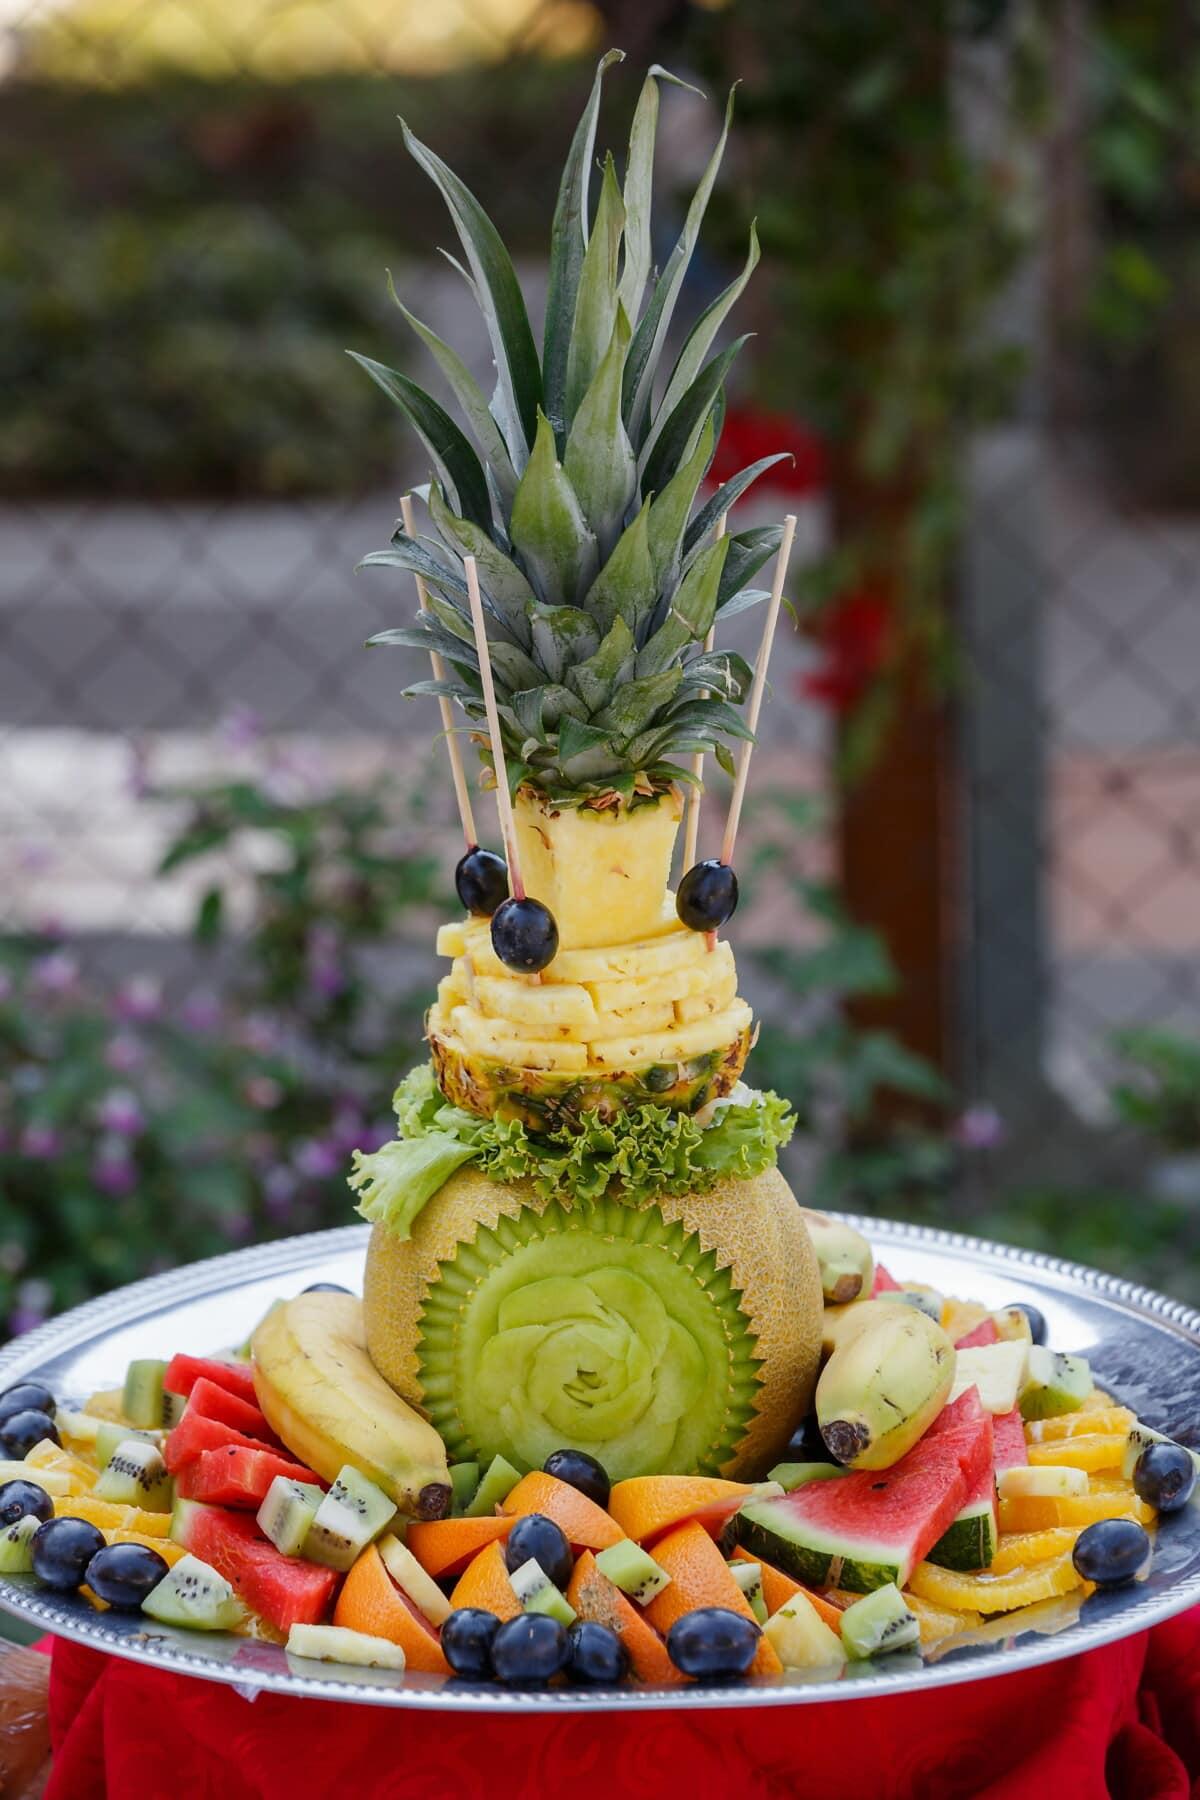 ananas, sculptures, melon d'eau, Kiwi, banane, les raisins, décoration, fruits, produire, alimentaire